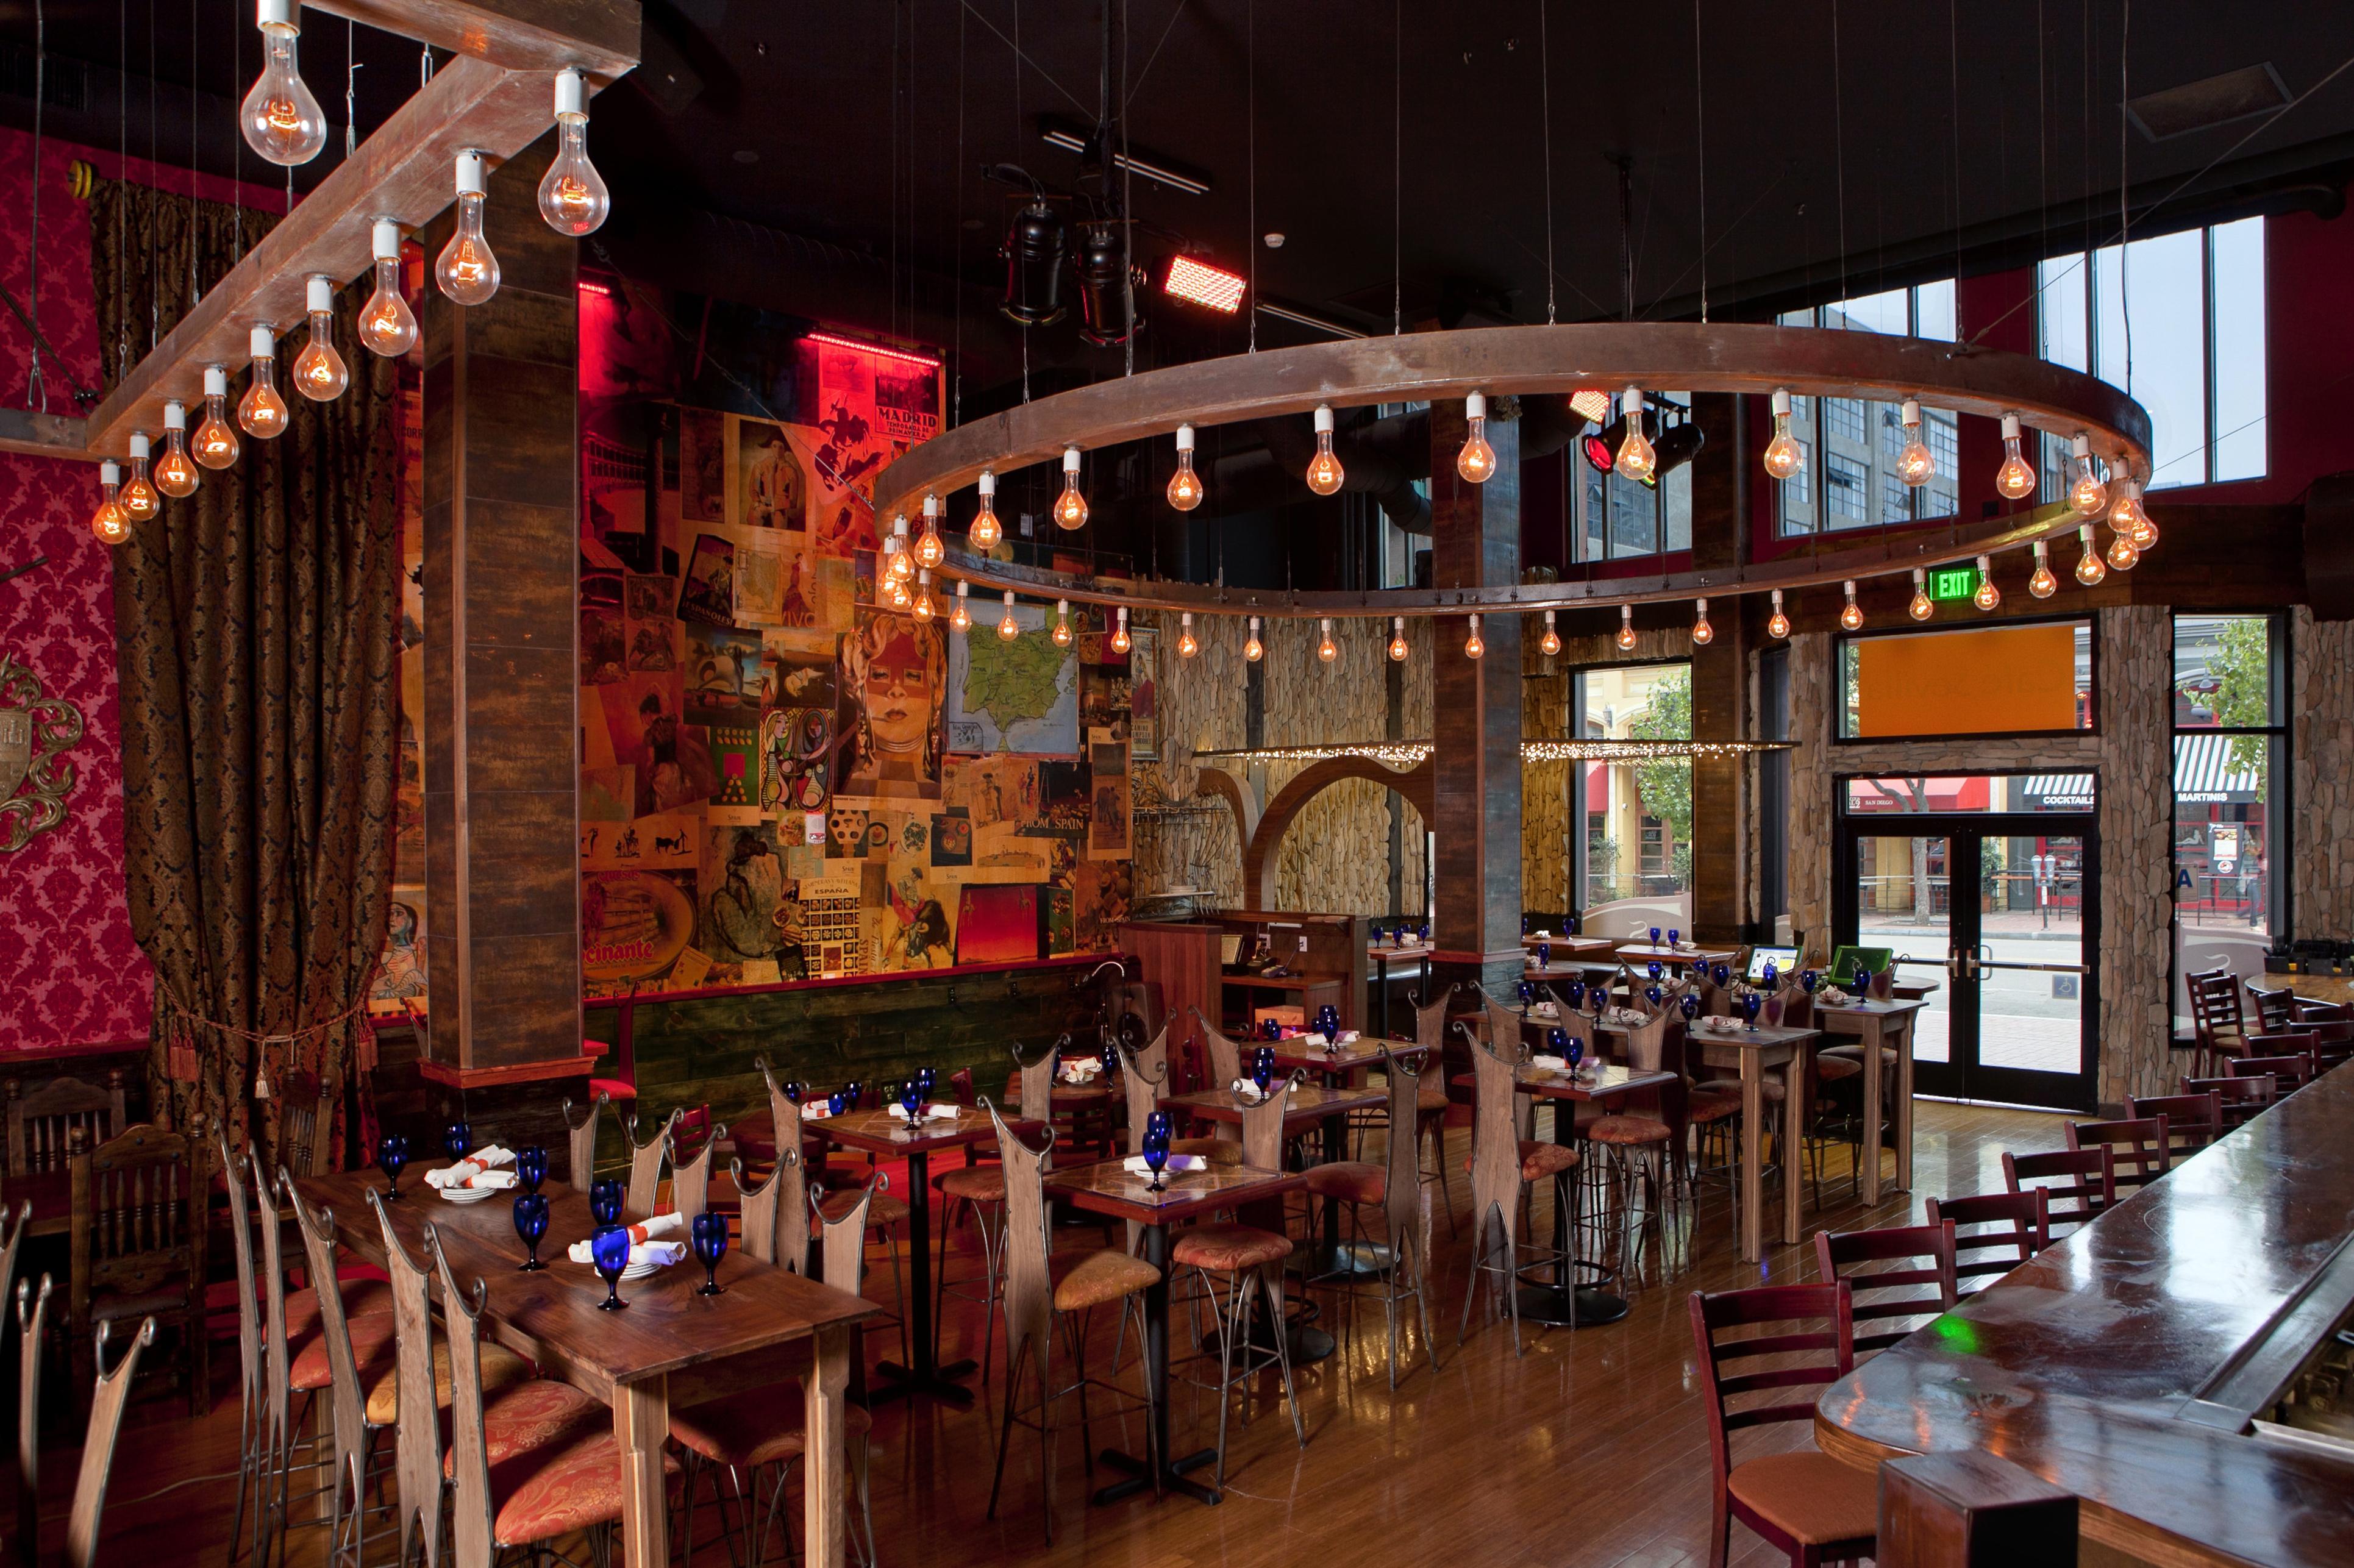 from Russell gay night art bar riverside ca